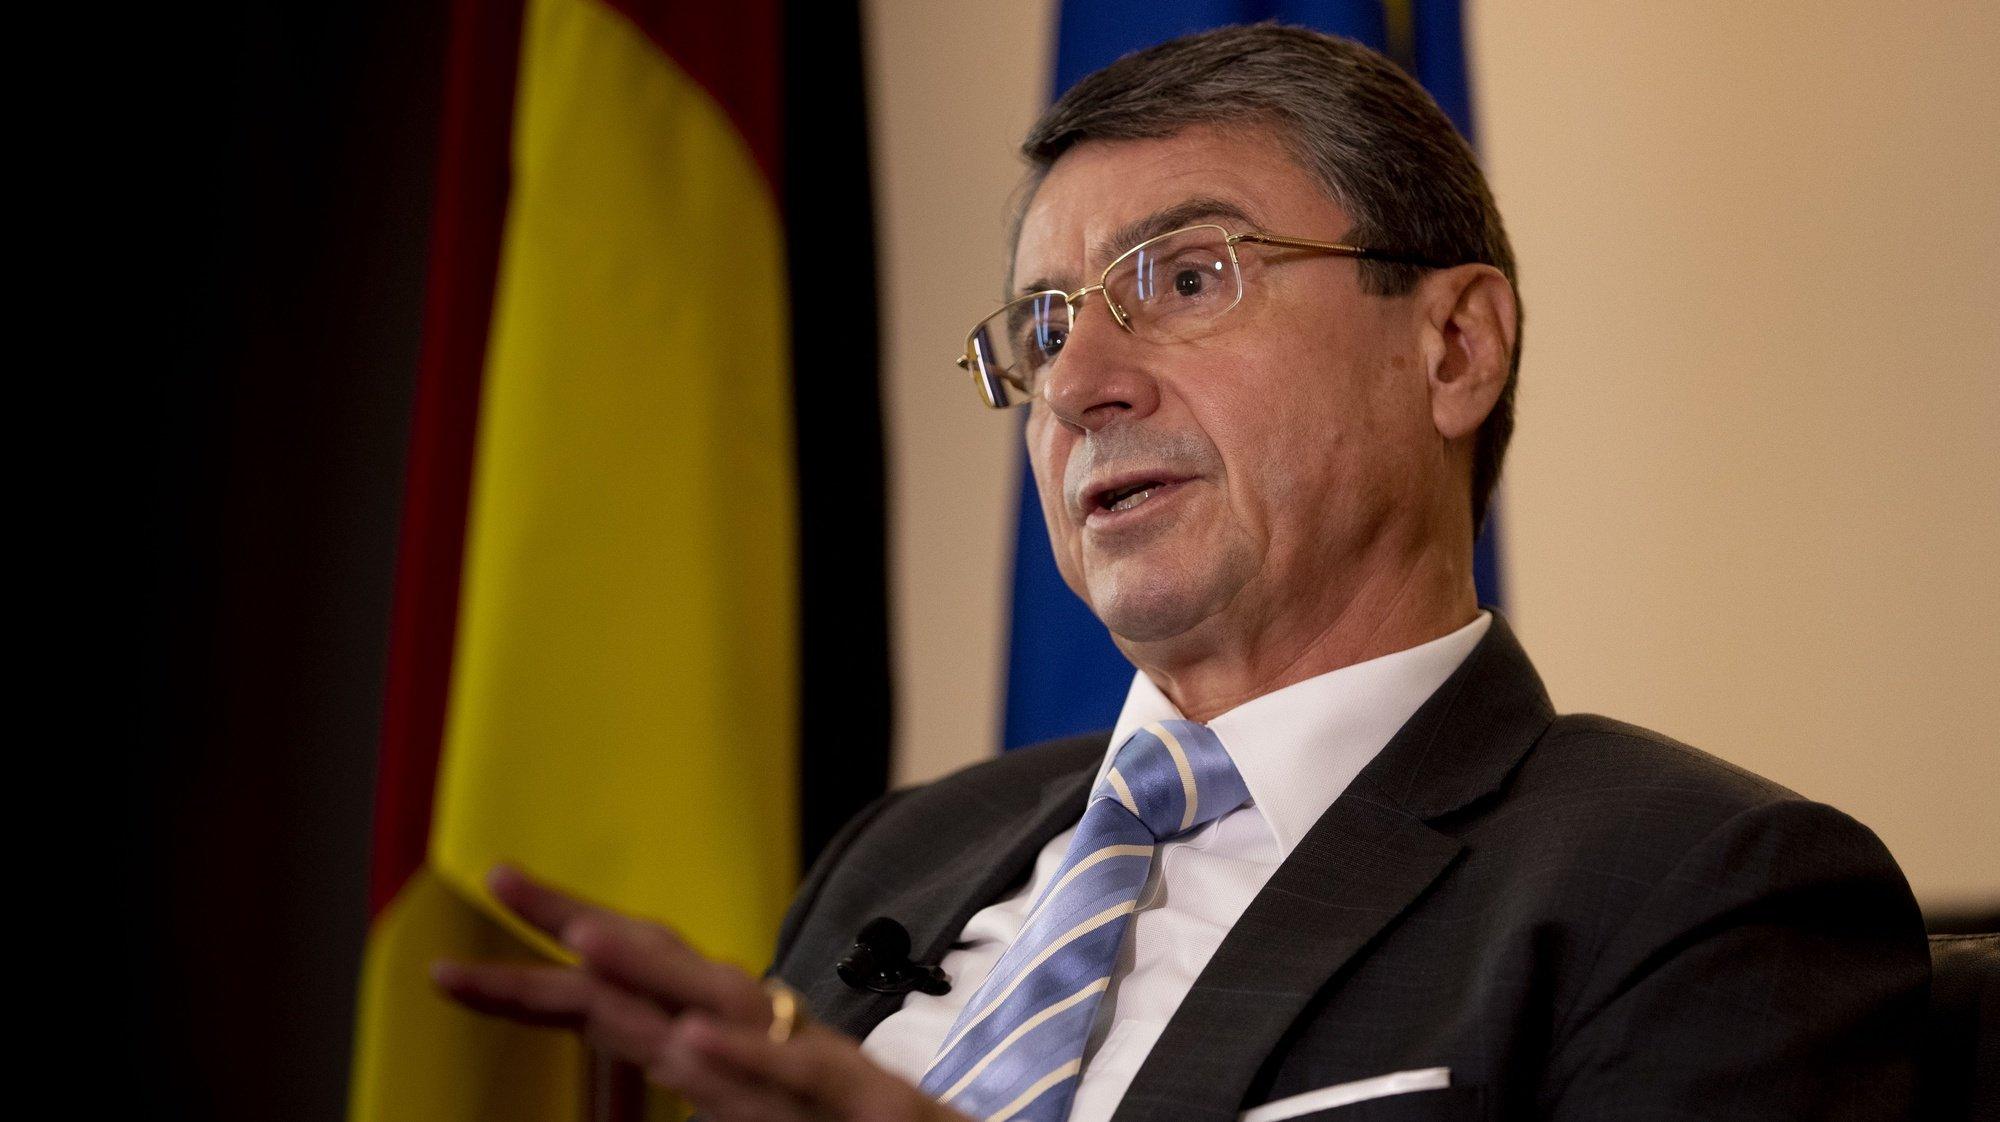 O embaixador da Alemanha em Portugal, Martin Ney, fala em entrevista à agência Lusa em Lisboa, 23 de setembro de 2021. (ACOMPANHA TEXTO DA LUSA DO DIA 24 DE SETEMBRO DE 2021). TIAGO PETINGA/LUSA